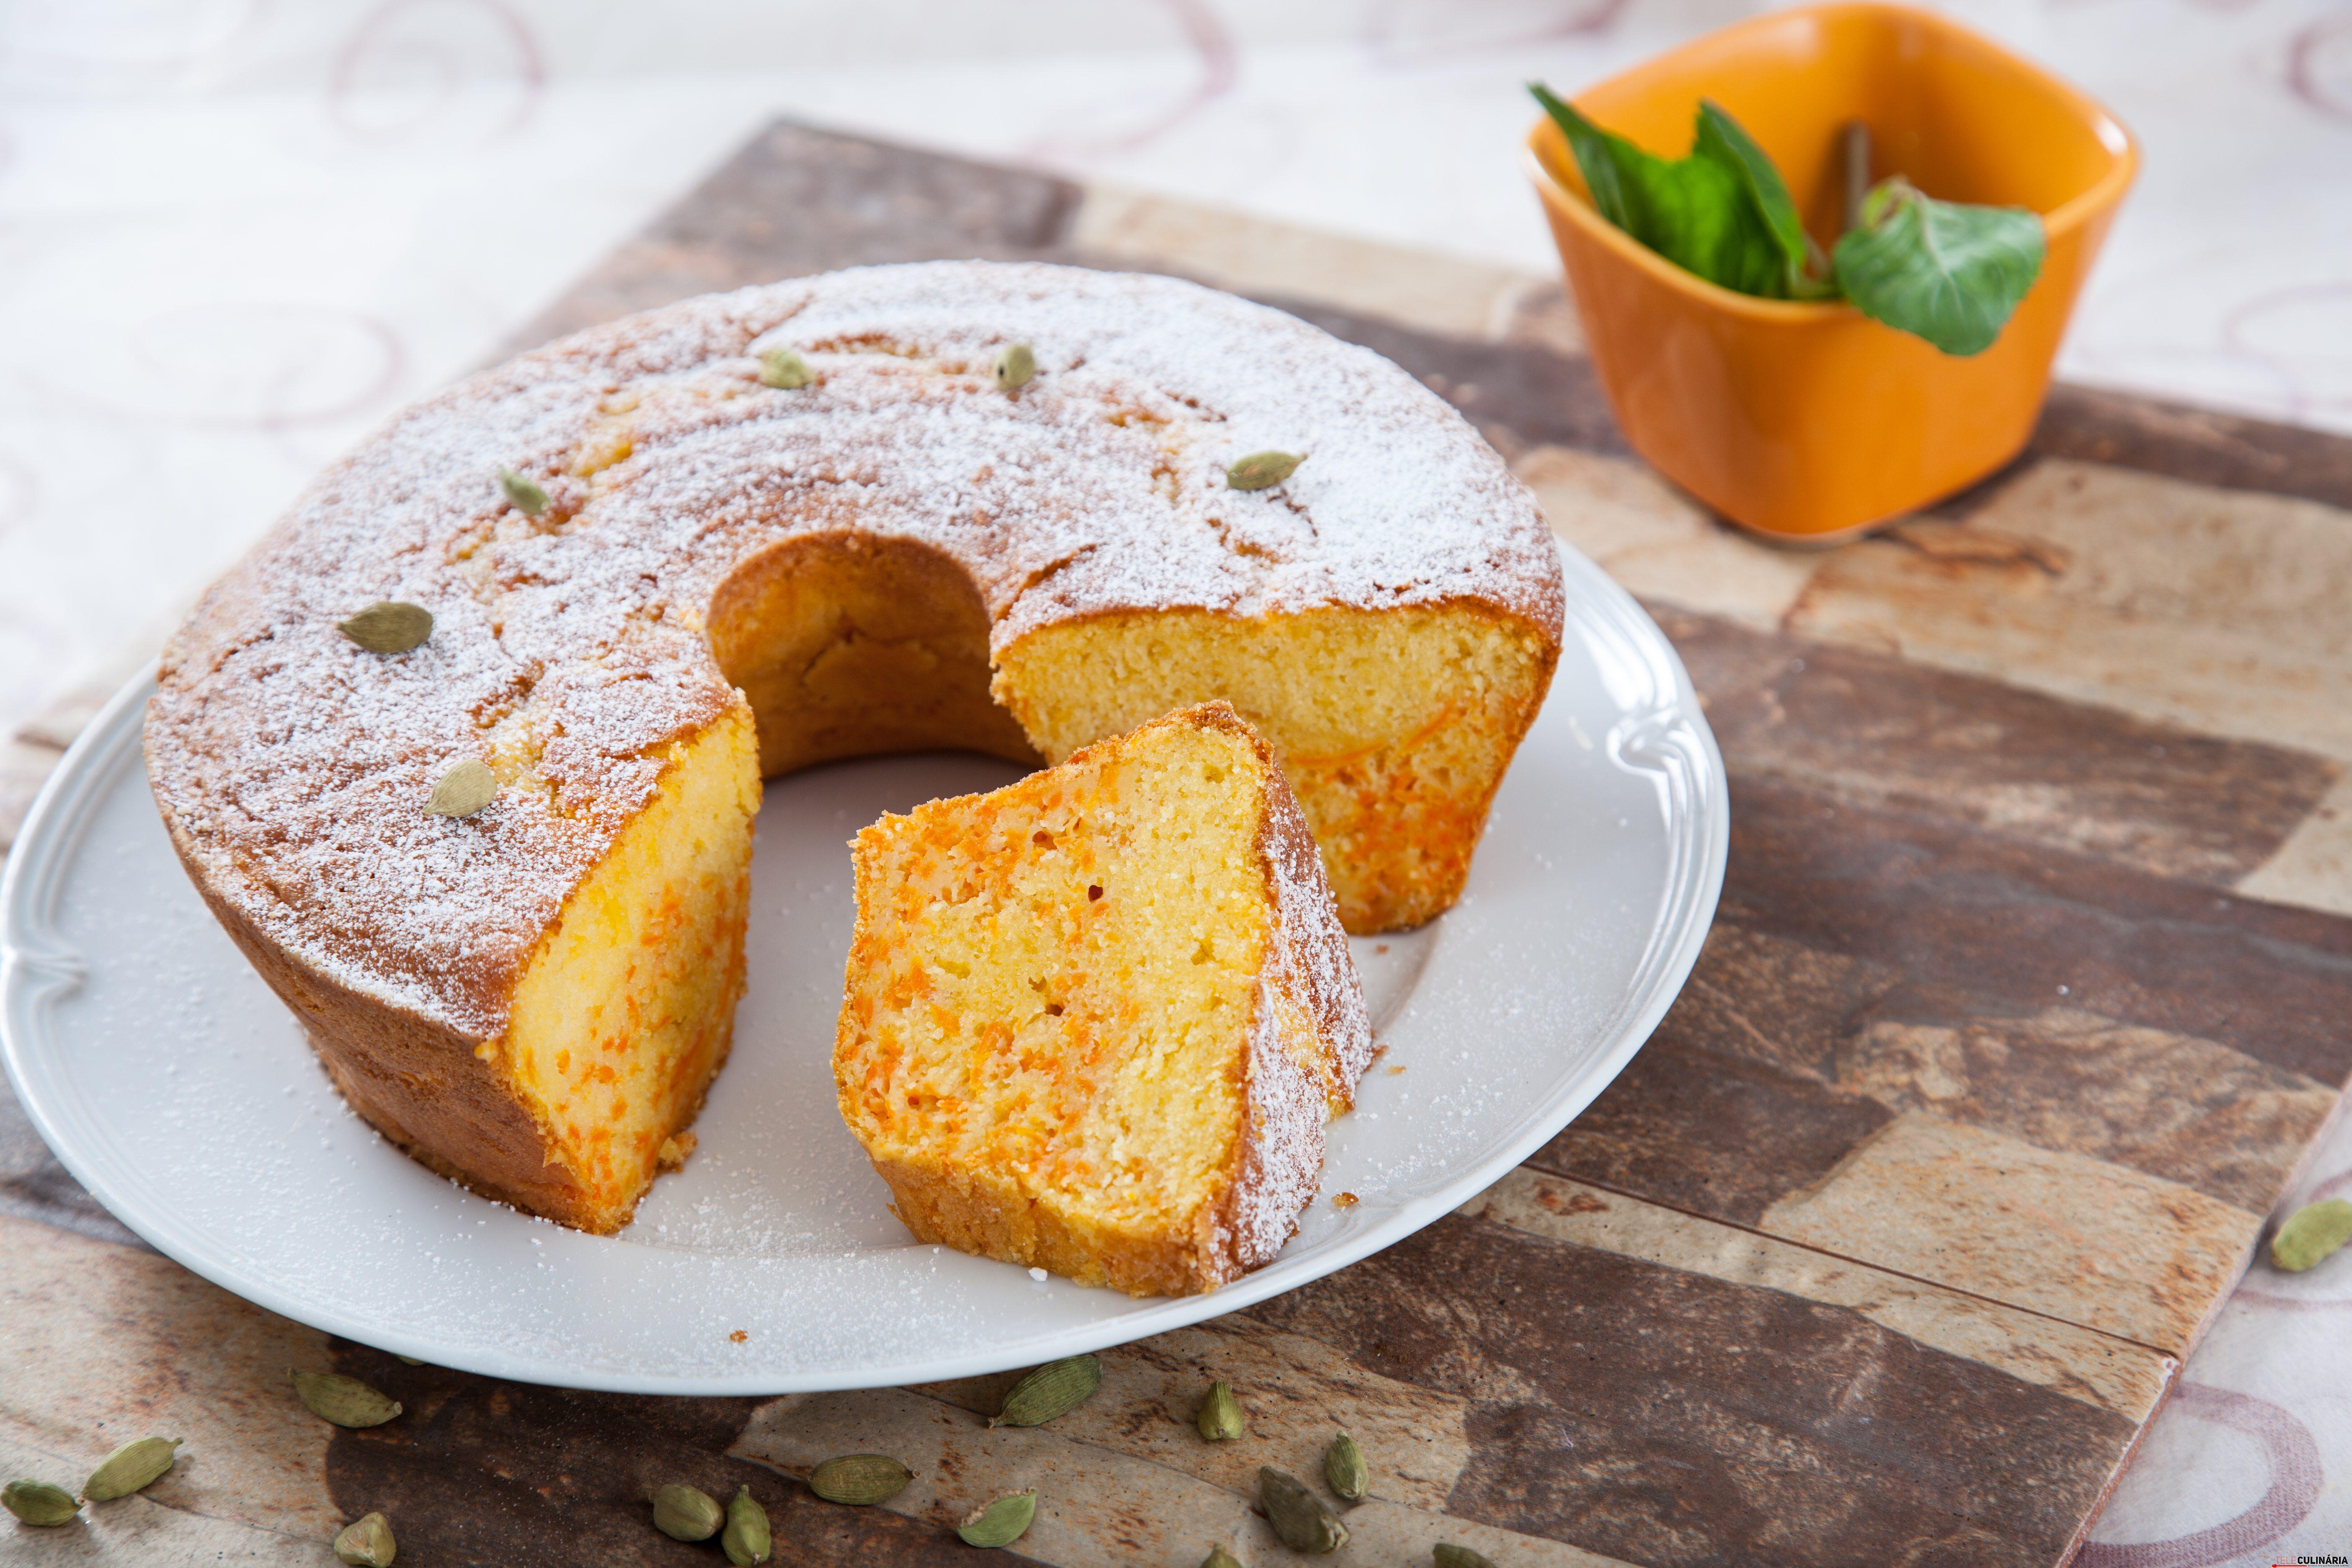 Receita de bolo de cenoura com cardamomo